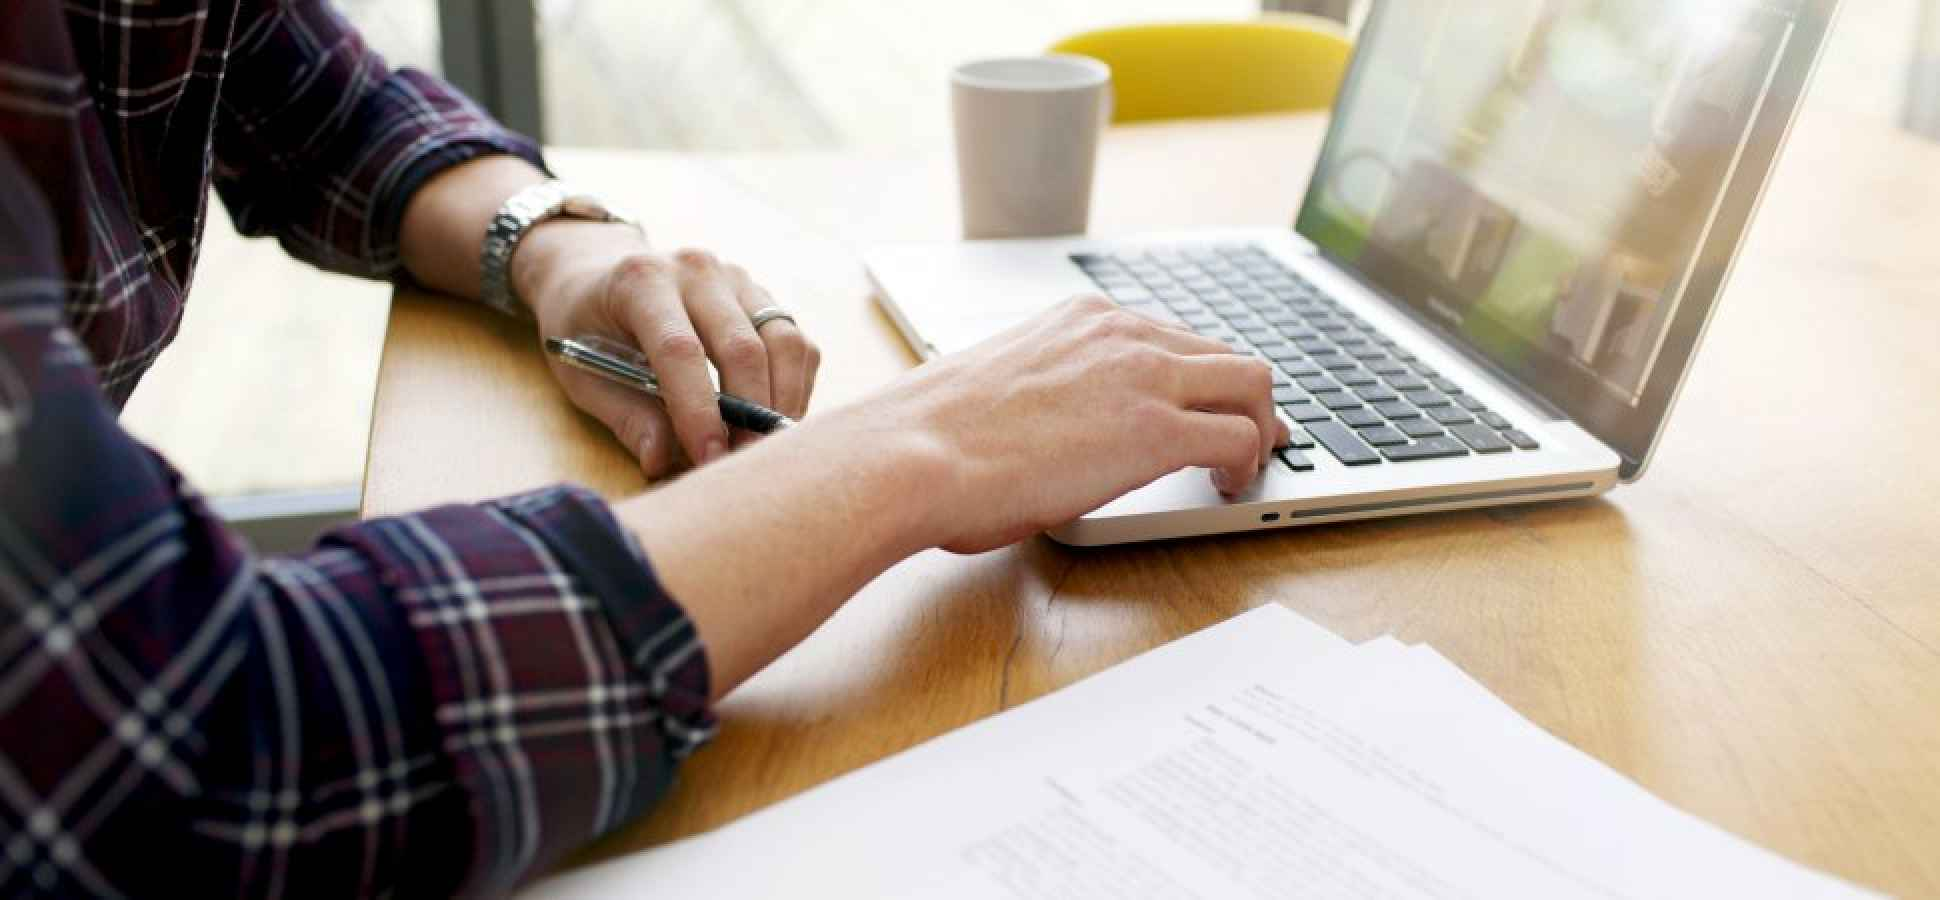 Easing Into Entrepreneurship: Starting Something on the Side